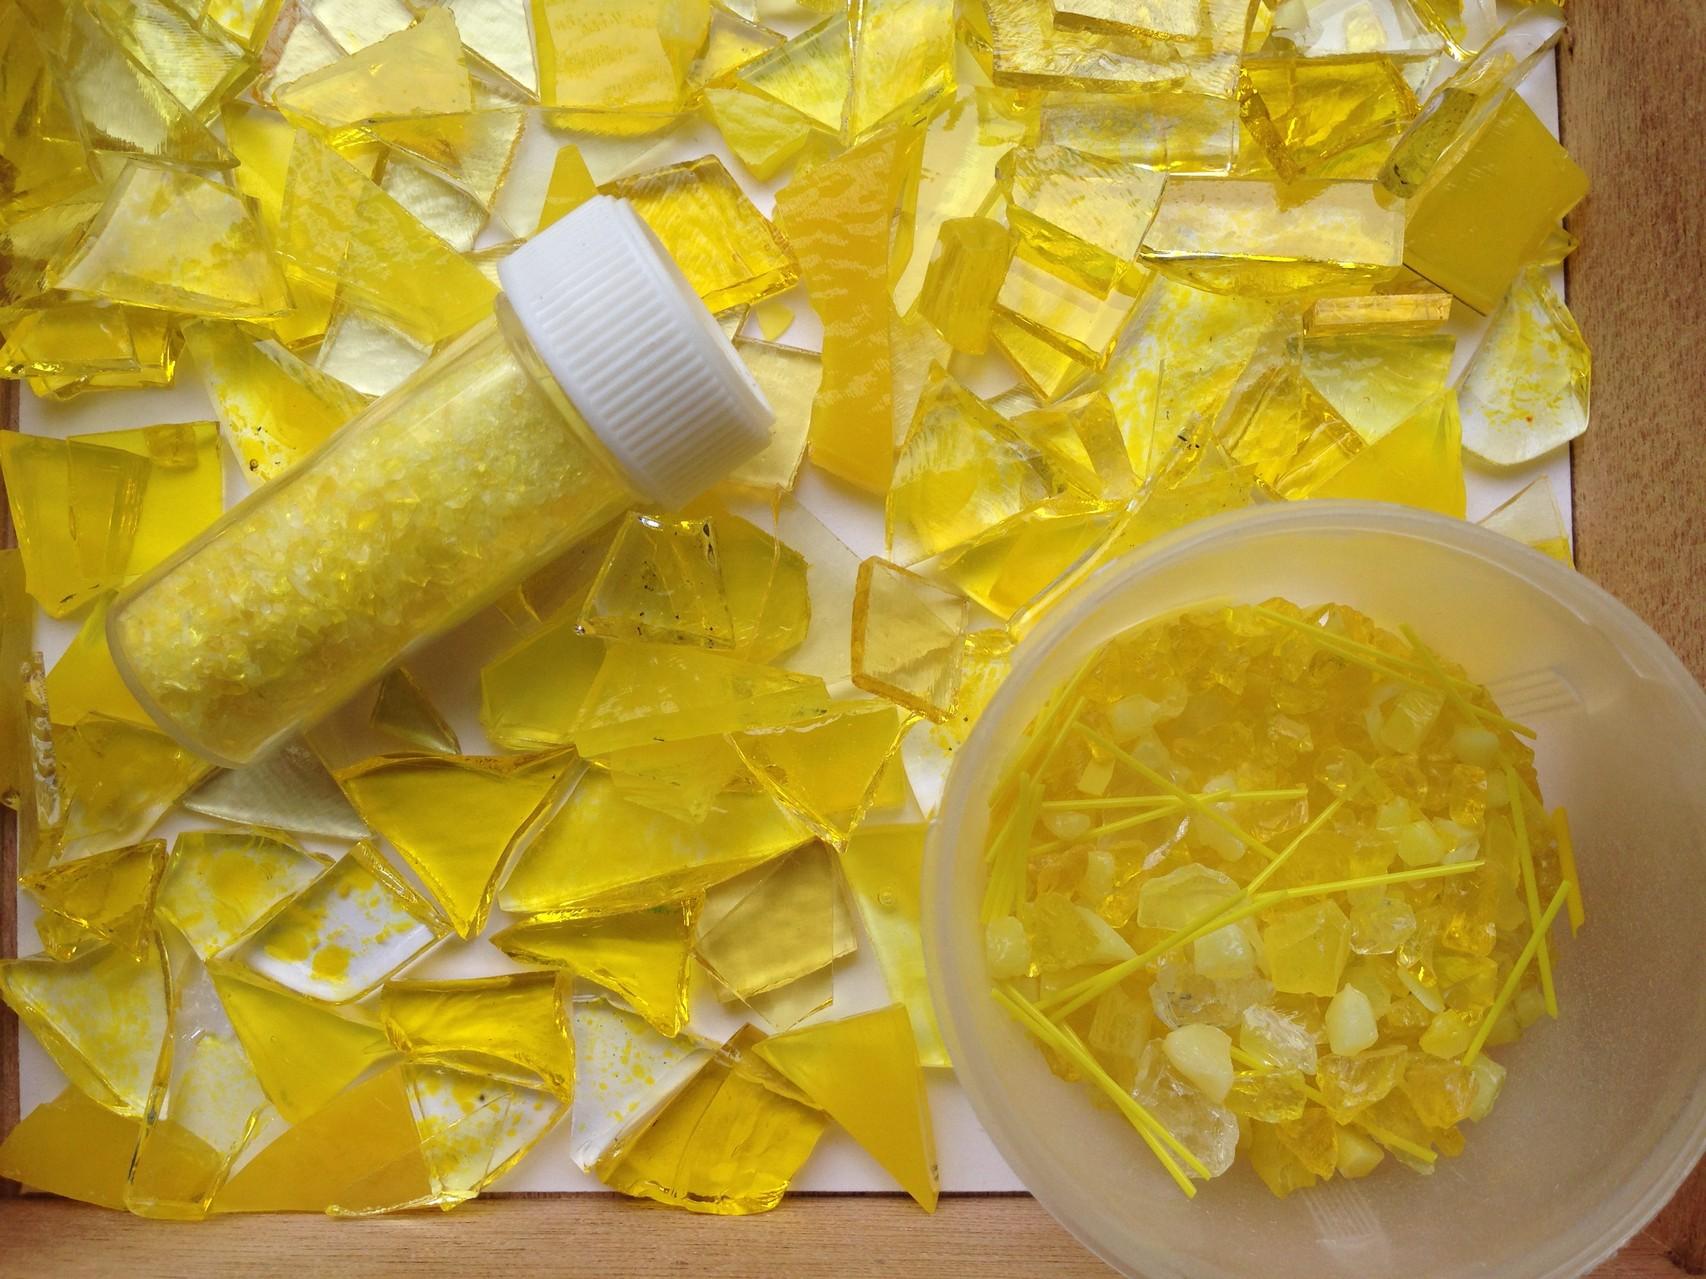 fusingglas gelb